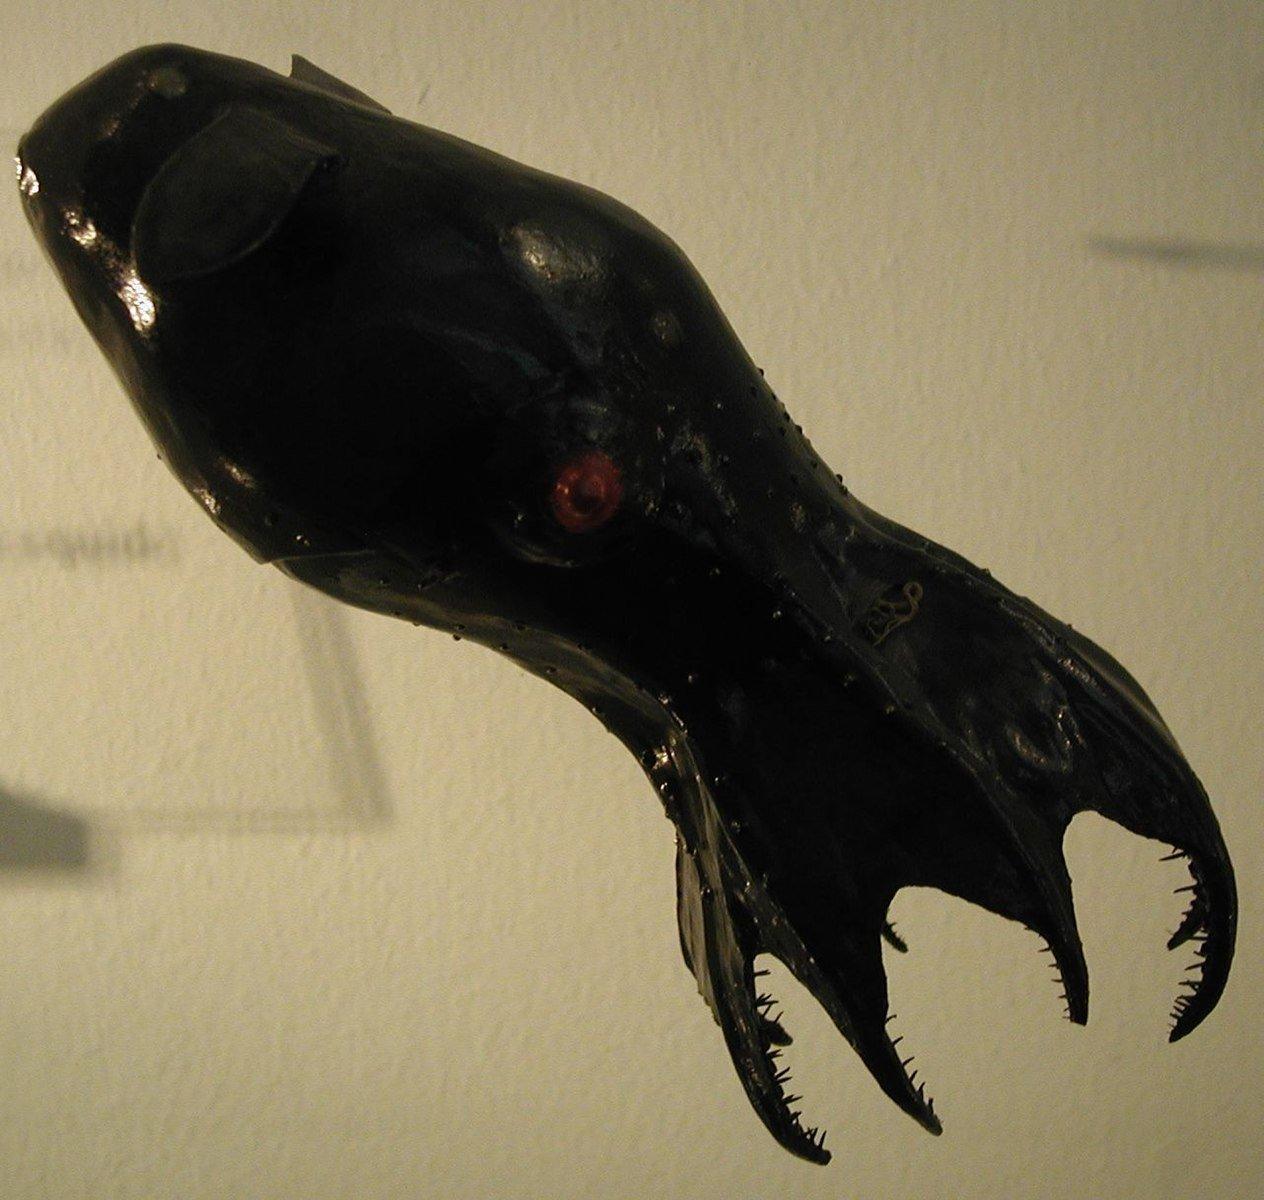 vampire squid model